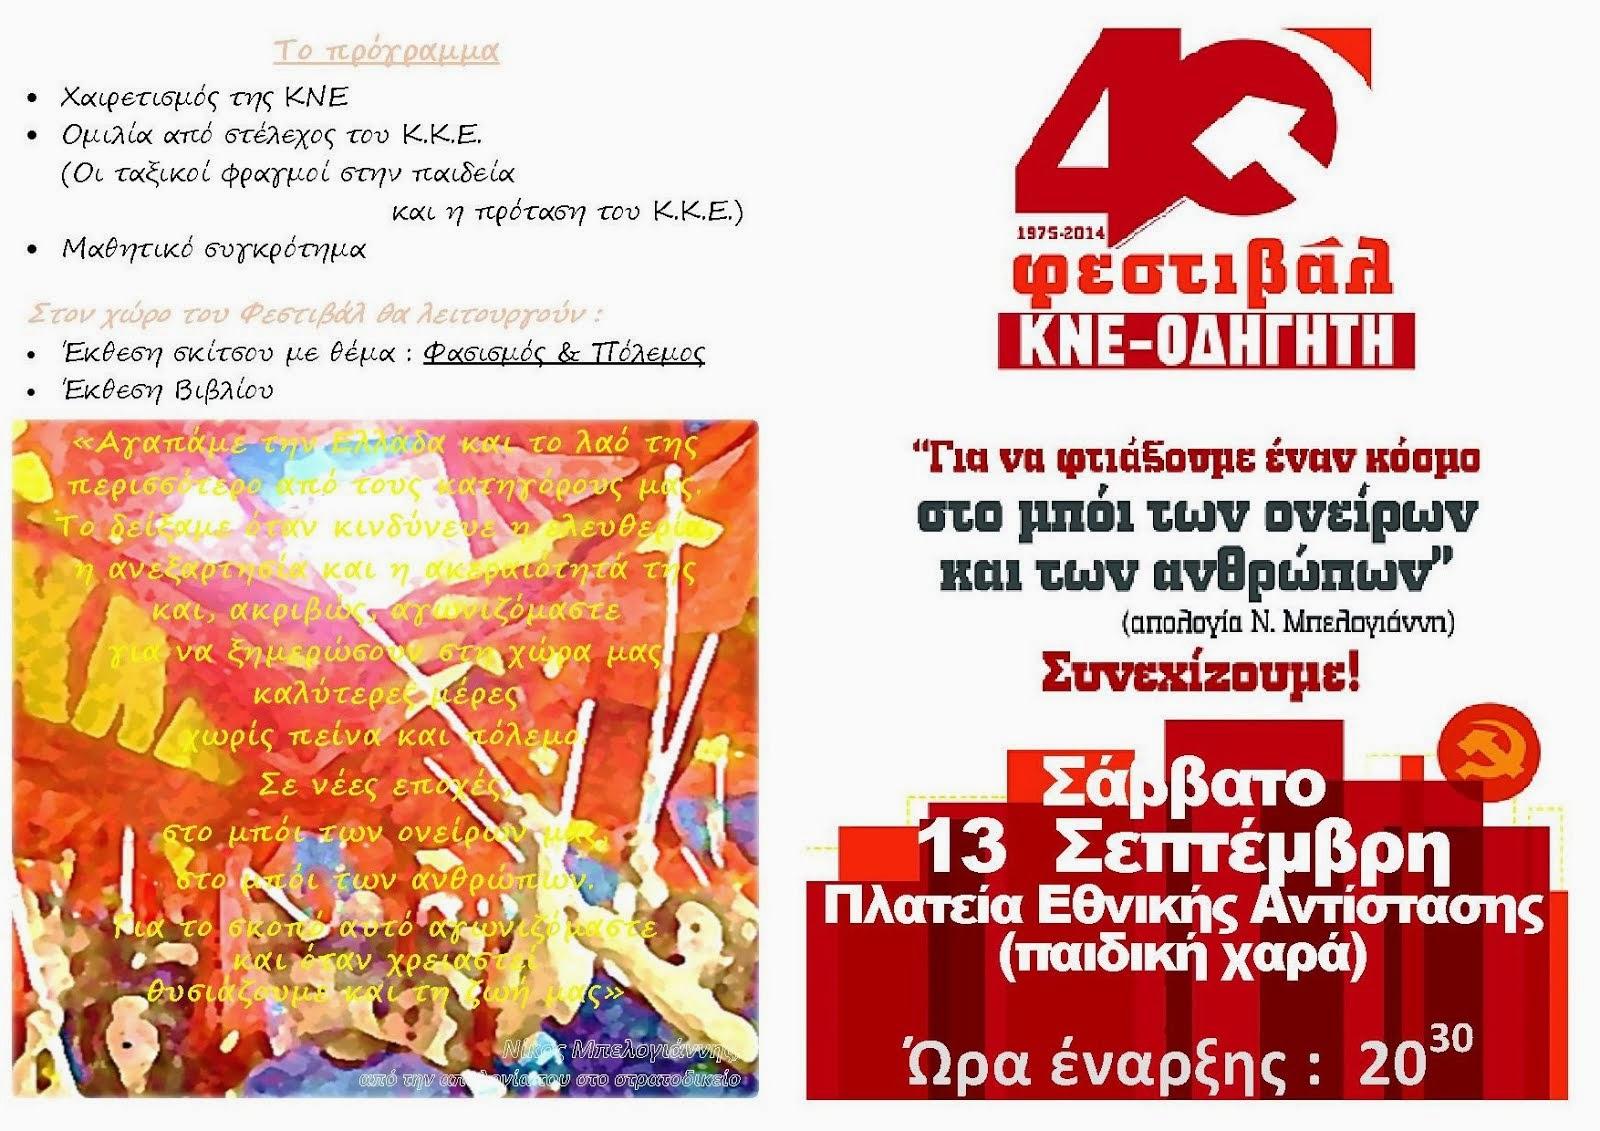 40ο Φεστιβάλ ΚΝΕ-Οδηγητή Άμφισσα,  ΣΑΒΒΑΤΟ 13 ΣΕΠΤΕΜΒΡΗ Πλατεία Εθνικής Αντίστασης